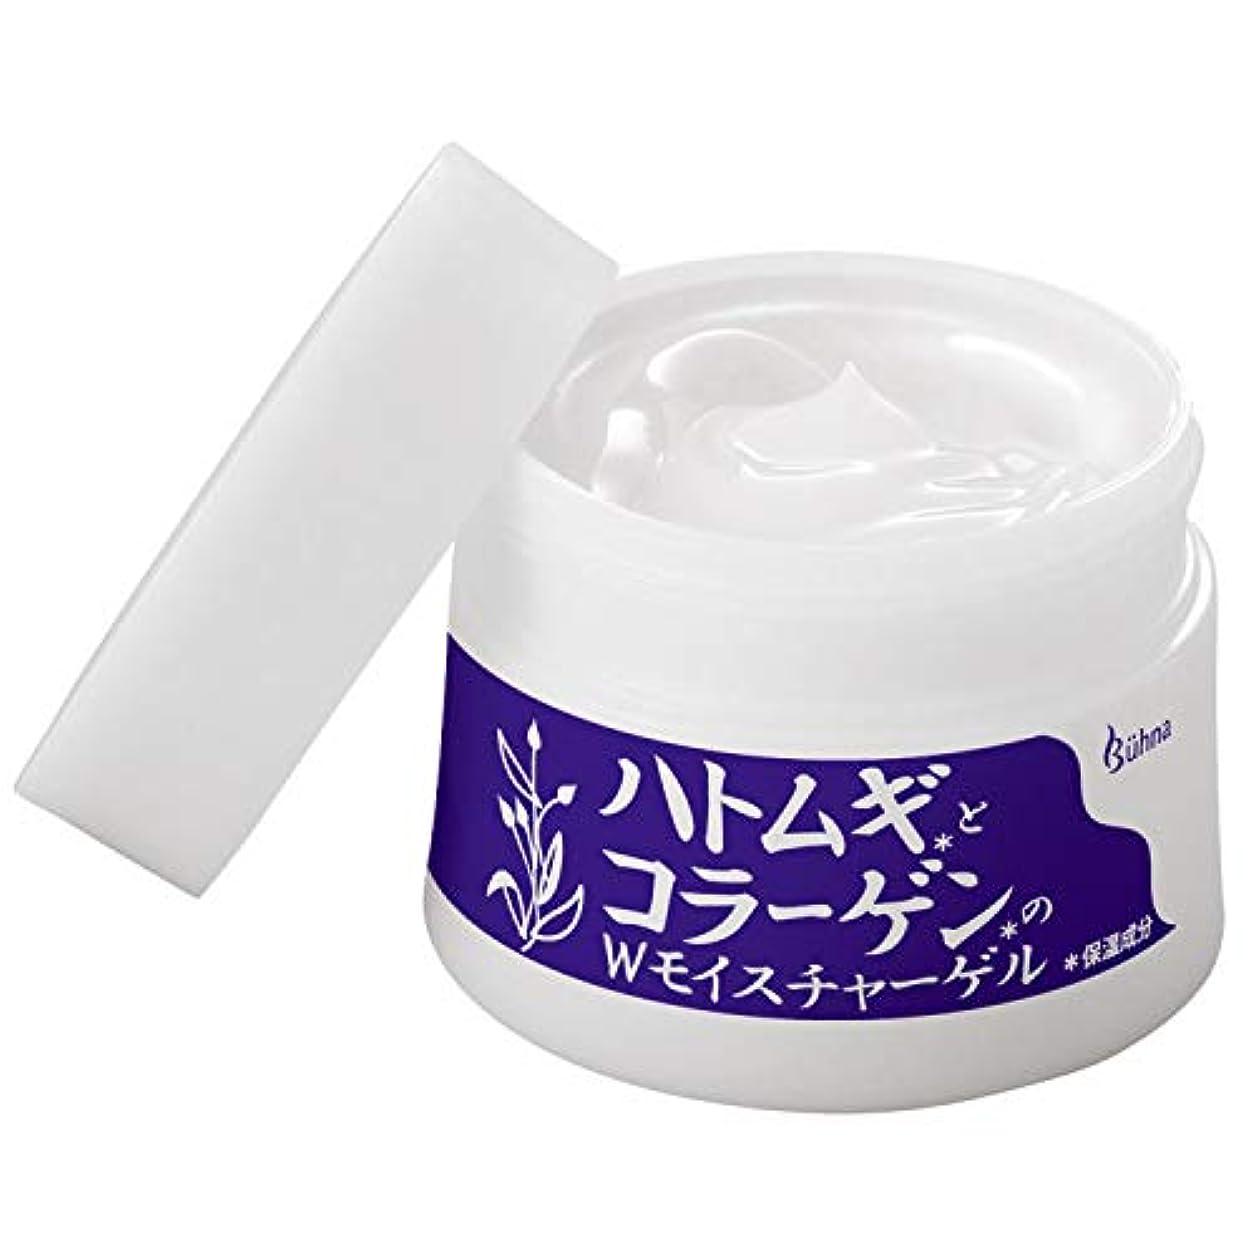 ネズミシャツ試みるビューナ ハトムギとコラーゲンのWモイスチャーゲル150g 保湿 オールインワン 美容液 化粧水 乳液